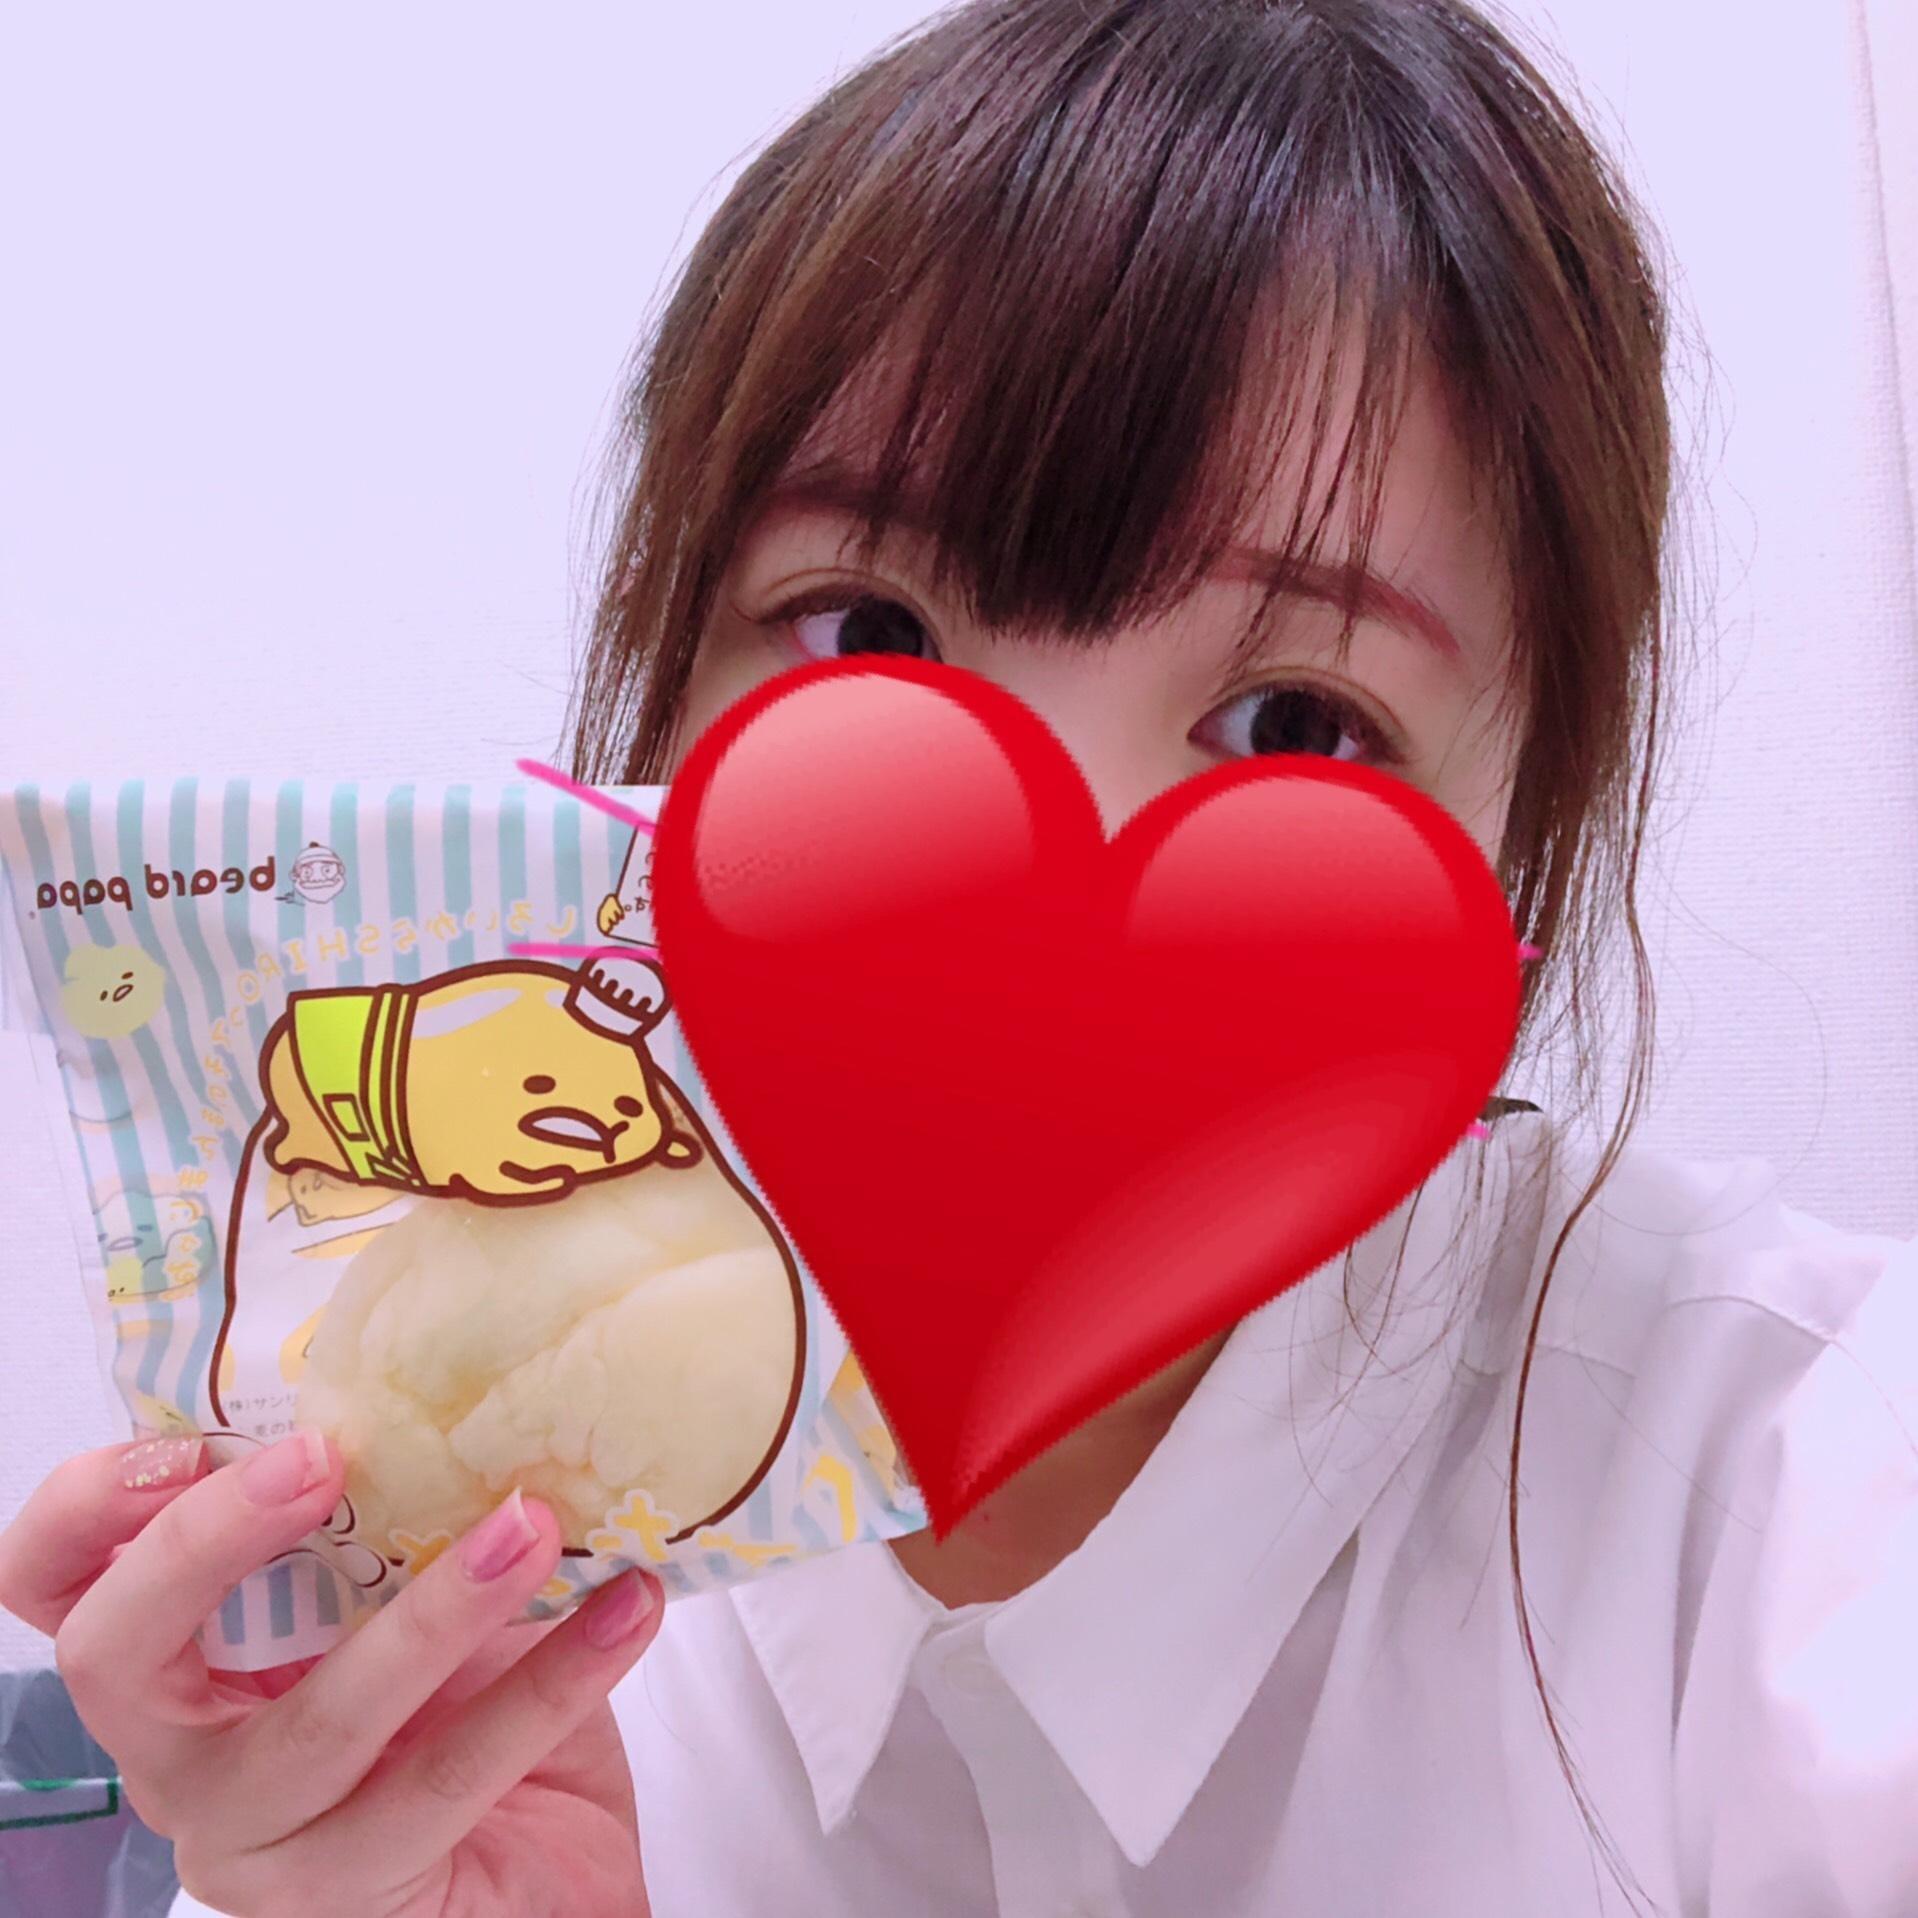 「可愛くて美味しい♪」07/27(金) 19:44 | まいの写メ・風俗動画